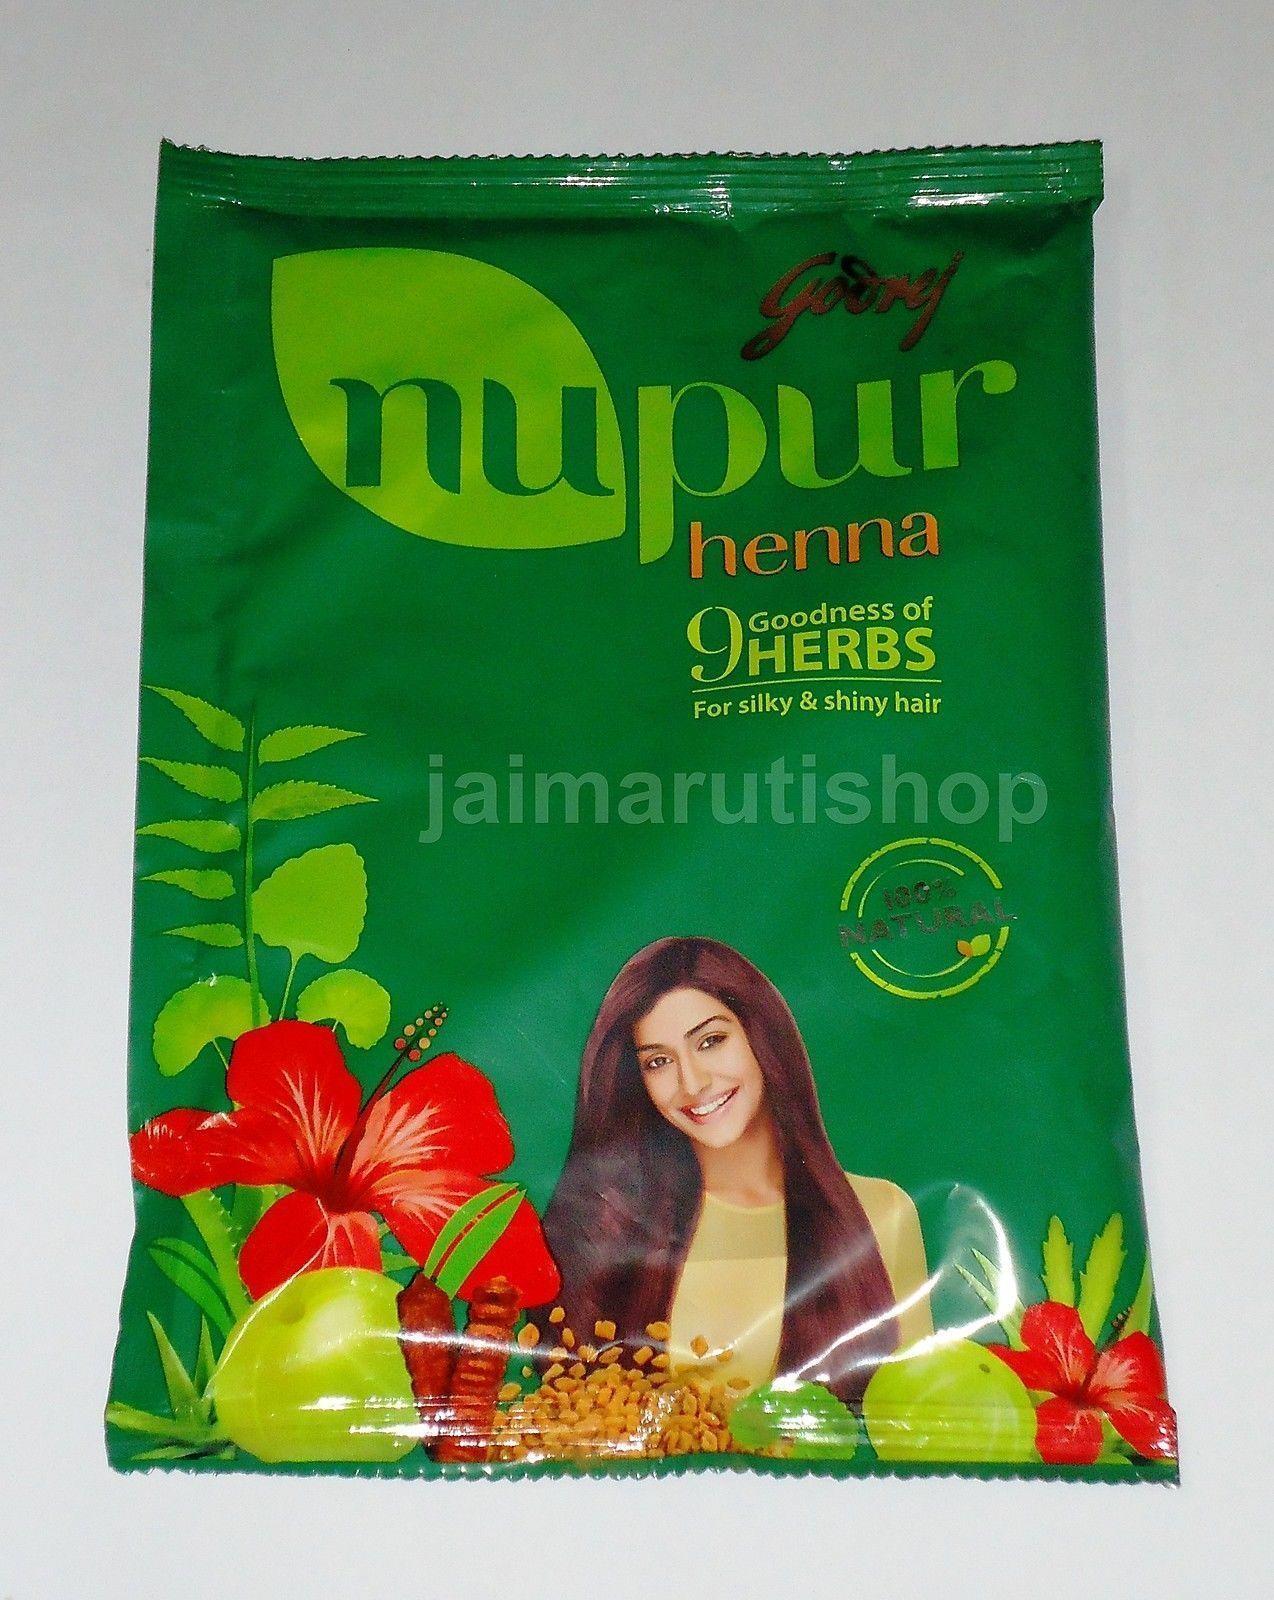 15x Godrej Nupur Mehendi Henna Hair Color Powder 100 Natural 130g